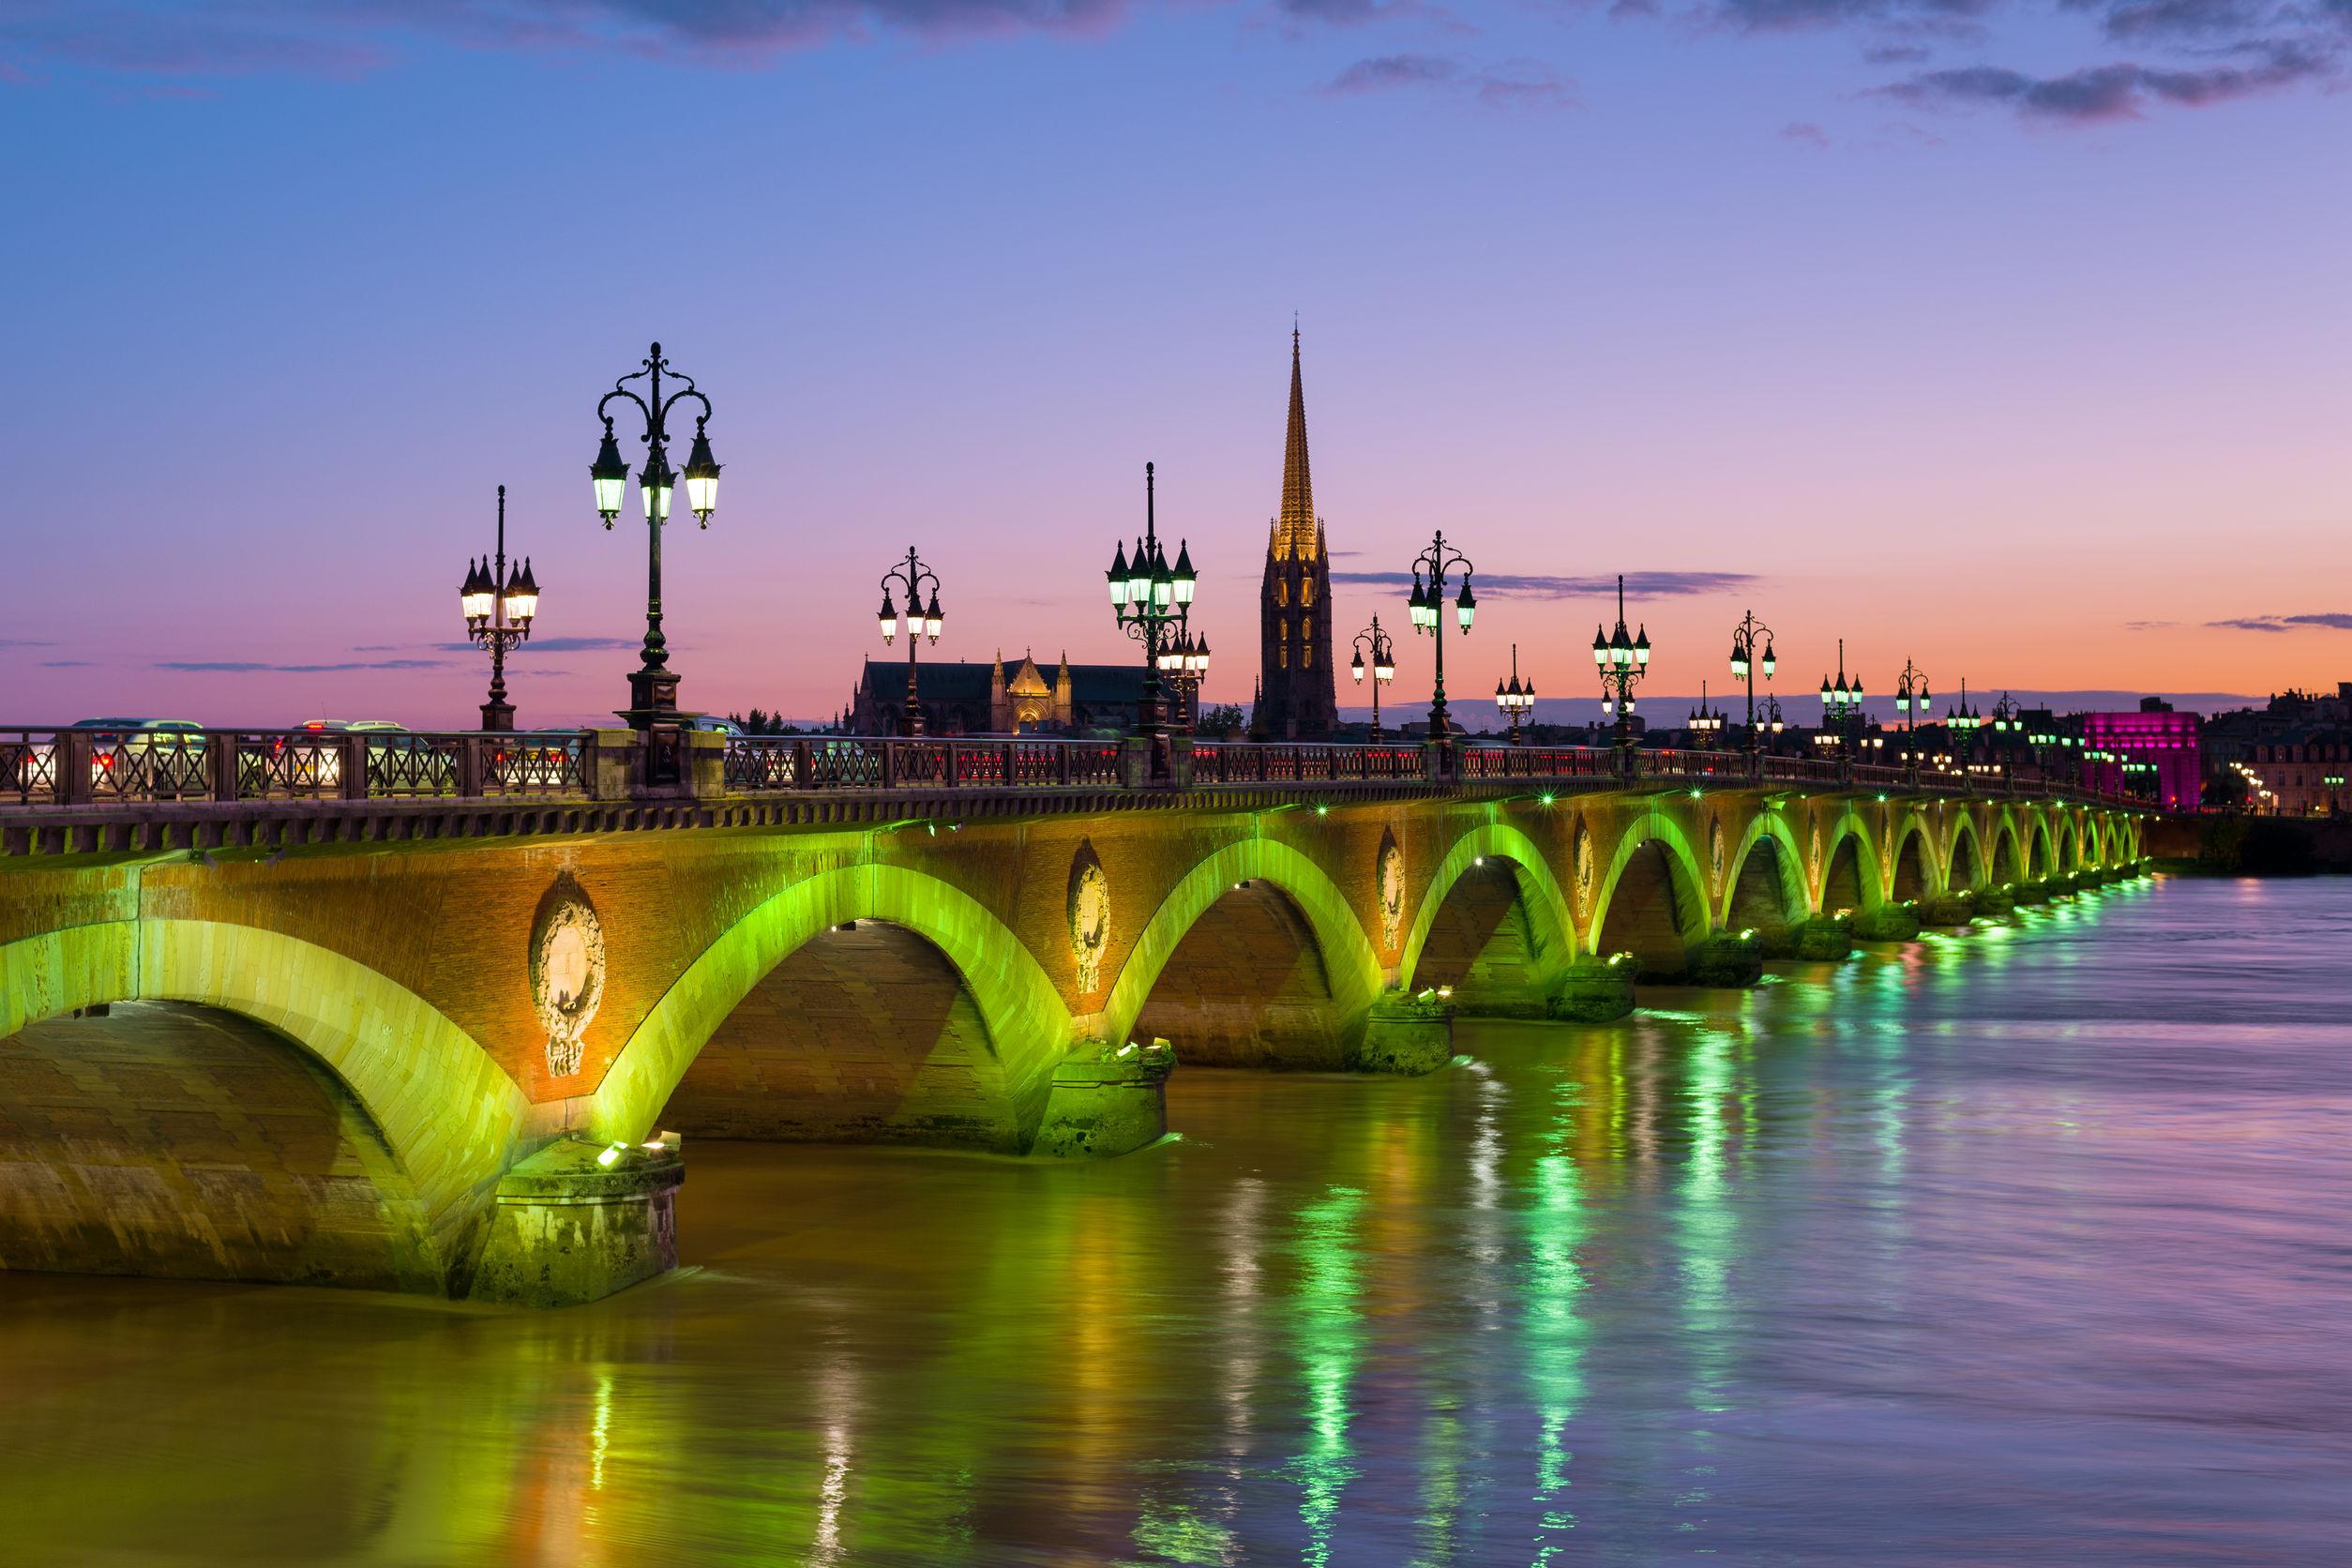 Bordeaux este noua destinaţie culinară a Franţei, încadrată de un proaspăt